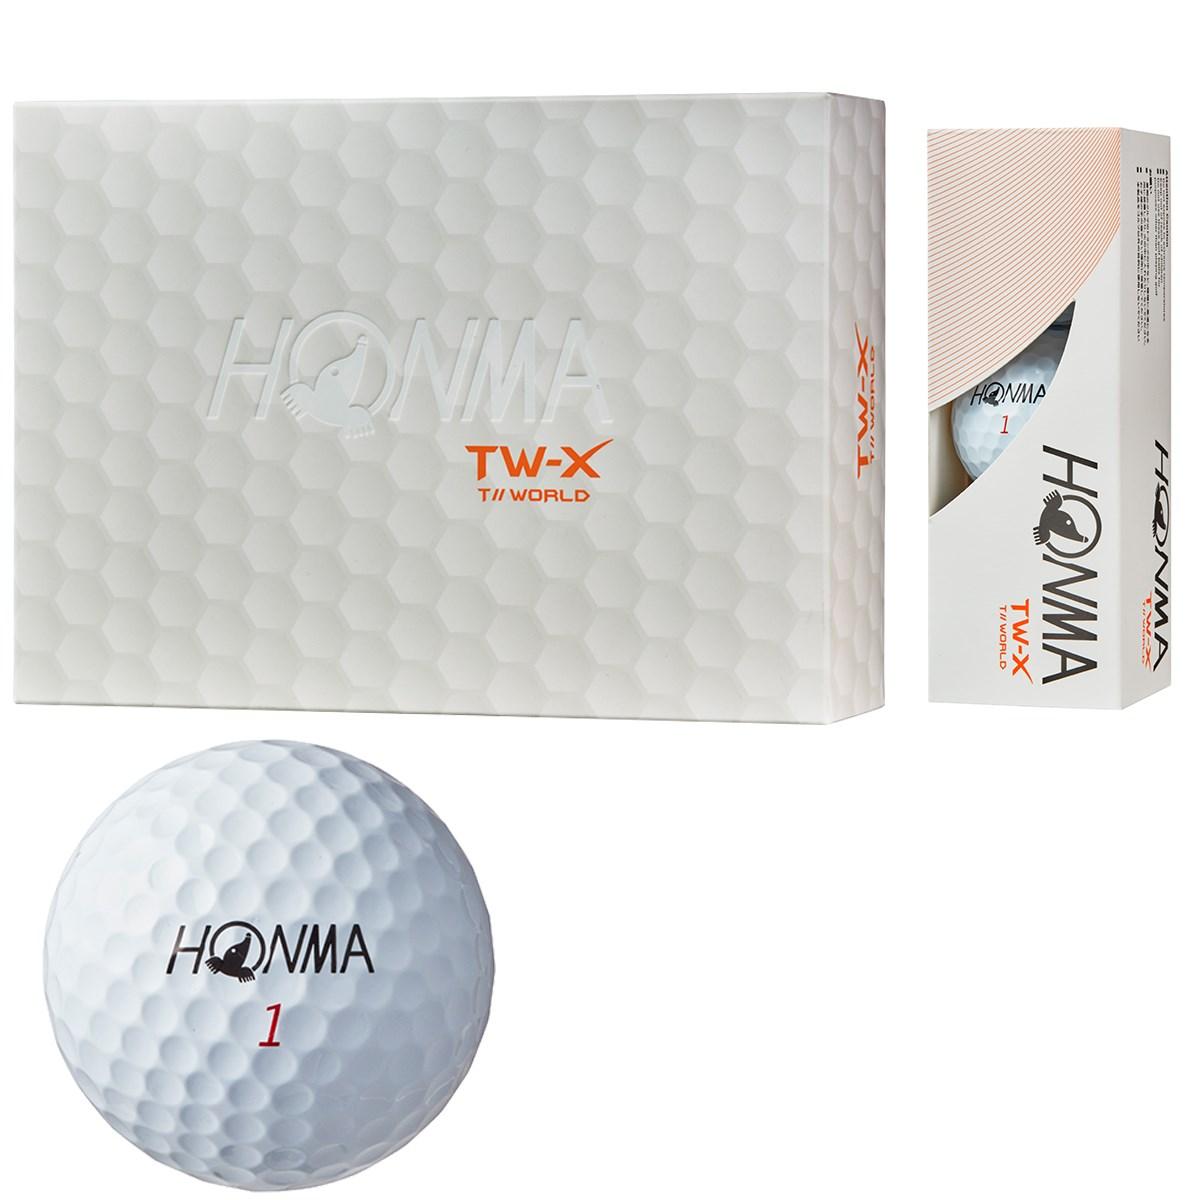 本間ゴルフ(HONMA GOLF) TW-X ボール 3ダースセット